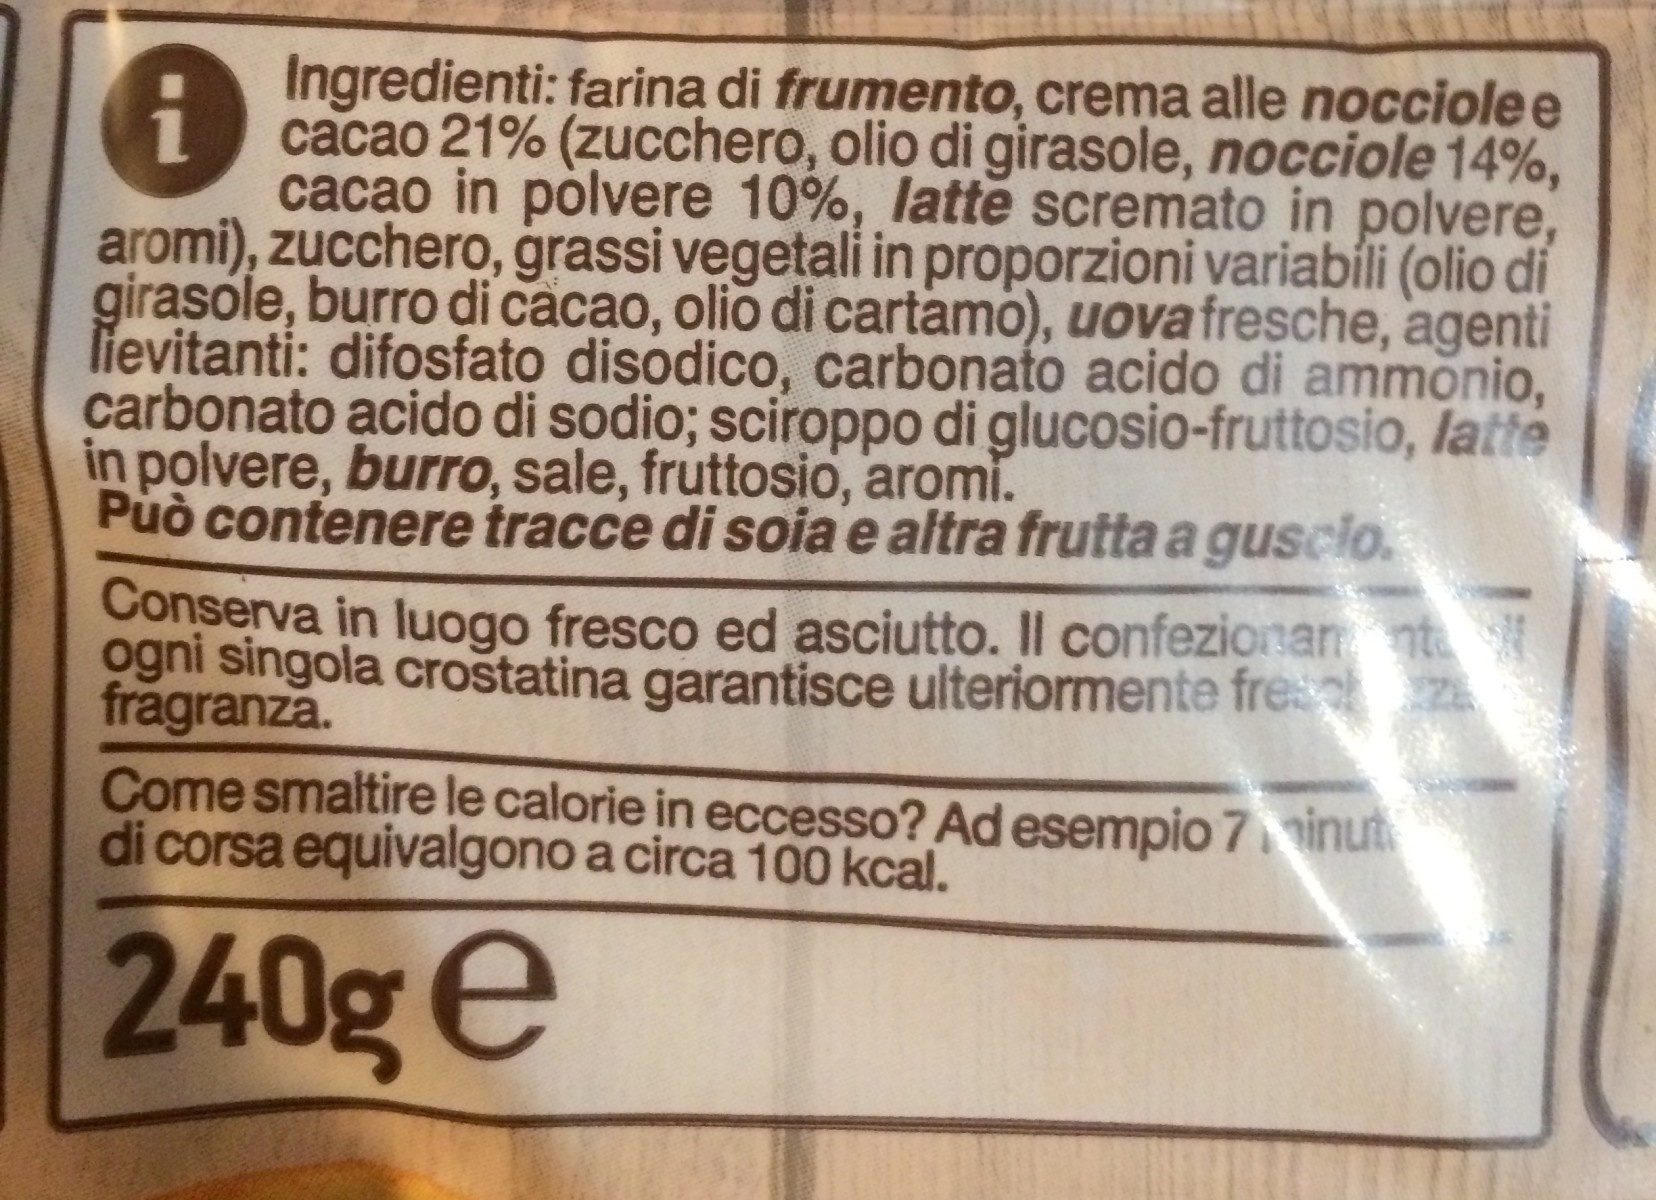 Crostatina con crema al cacao - Ingredients - fr